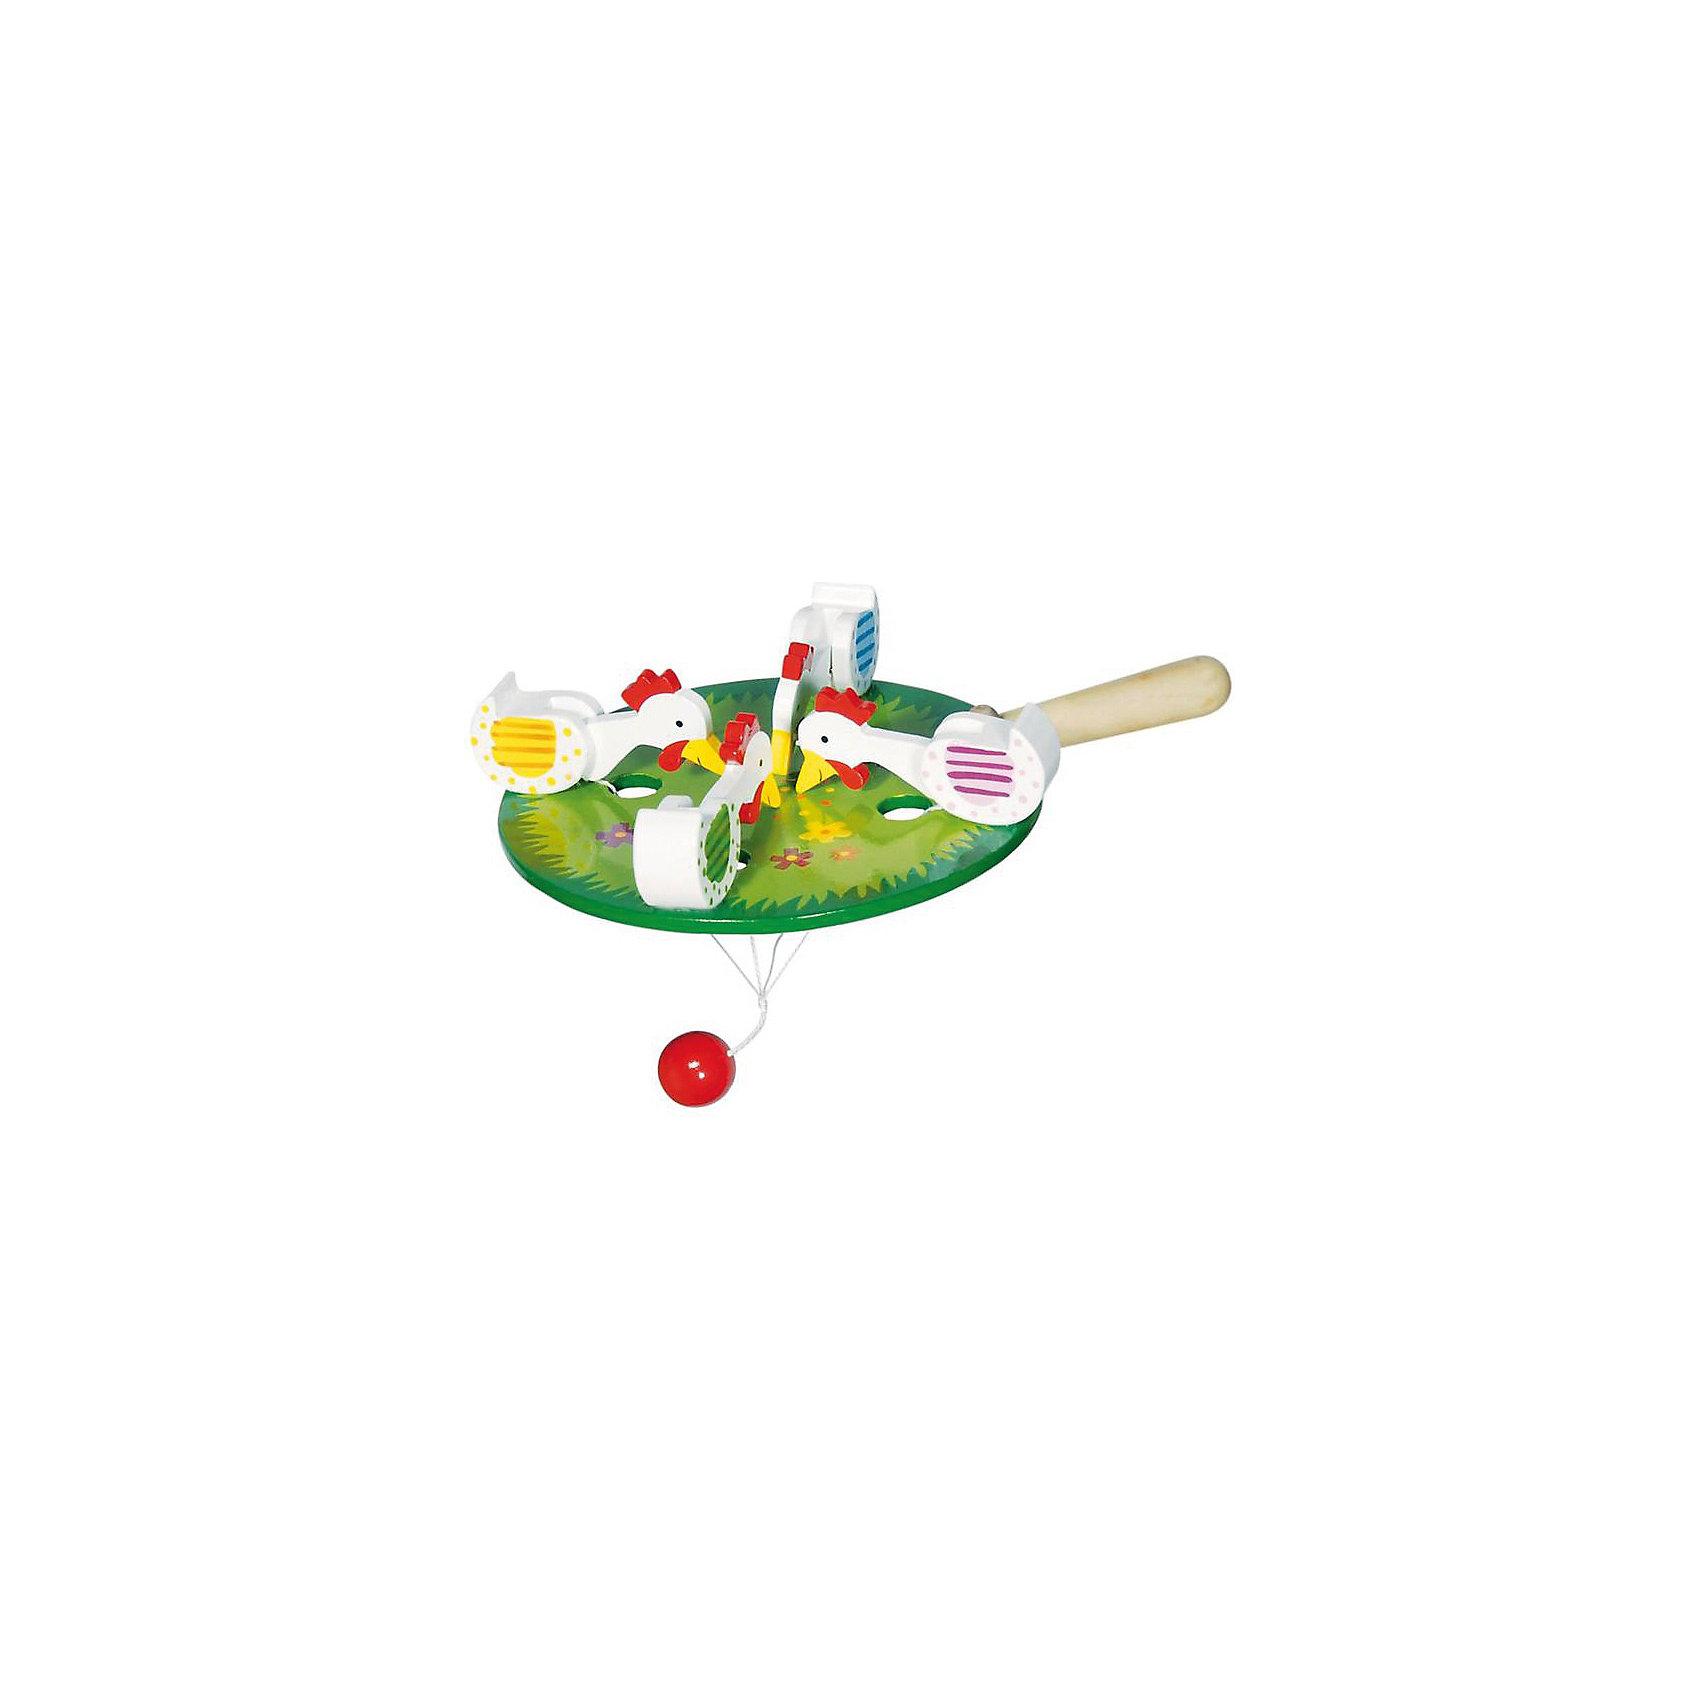 Игрушка-стучалка 4 курочки GOKIИгрушка-стучалка 4 курочки, GOKI (Гоки) - традиционная русская народная игрушка-забава, которая так понравилась европейцам, что они включили ее в свой ассортимент.<br><br>Четыре курочки поочередно клюют нарисованные на зеленой лужайке зернышки благодаря тяжелому противовесу-шарику.<br><br>Дополнительная информация:<br><br>-Материалы: дерево<br>-Диаметр круга: 13 см<br><br>Стучалка для самых маленьких благодаря ярким краскам и забавному стуку привлечет внимание вашего малыша и будет способствовать развитию его тактильных навыков, мелкой моторики и зрительному восприятию.<br><br>Игрушку-стучалку 4 курочки, GOKI (Гоки) можно купить в нашем магазине.<br><br>Ширина мм: 100<br>Глубина мм: 200<br>Высота мм: 300<br>Вес г: 500<br>Возраст от месяцев: 12<br>Возраст до месяцев: 36<br>Пол: Унисекс<br>Возраст: Детский<br>SKU: 3561263